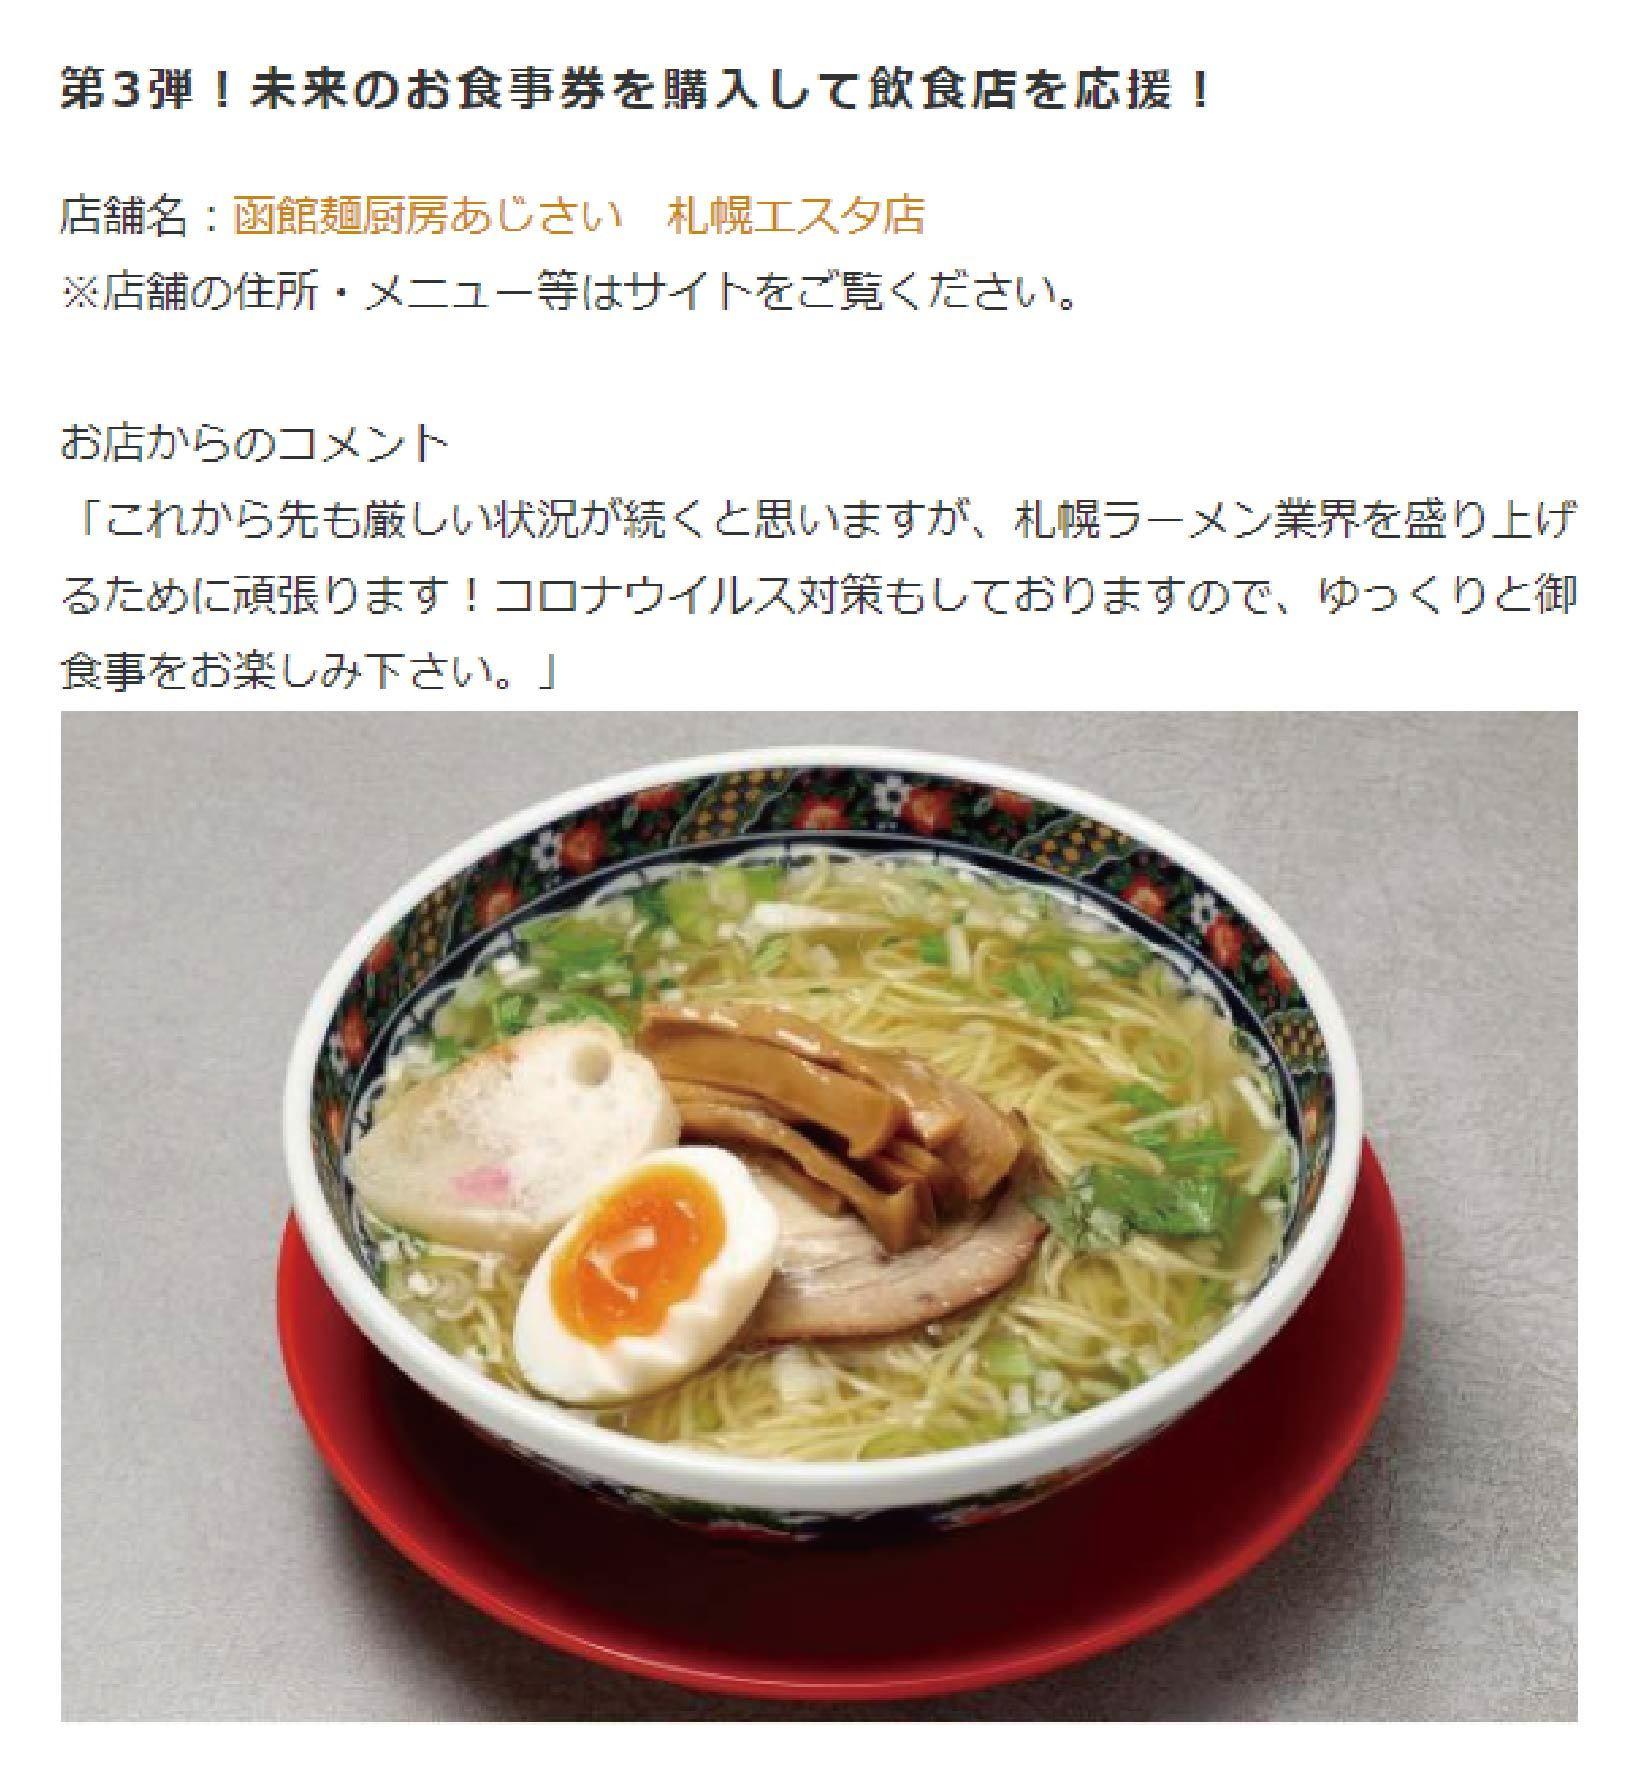 札幌市飲食店未来応援クラウドファンディング_f0186373_11331648.jpg